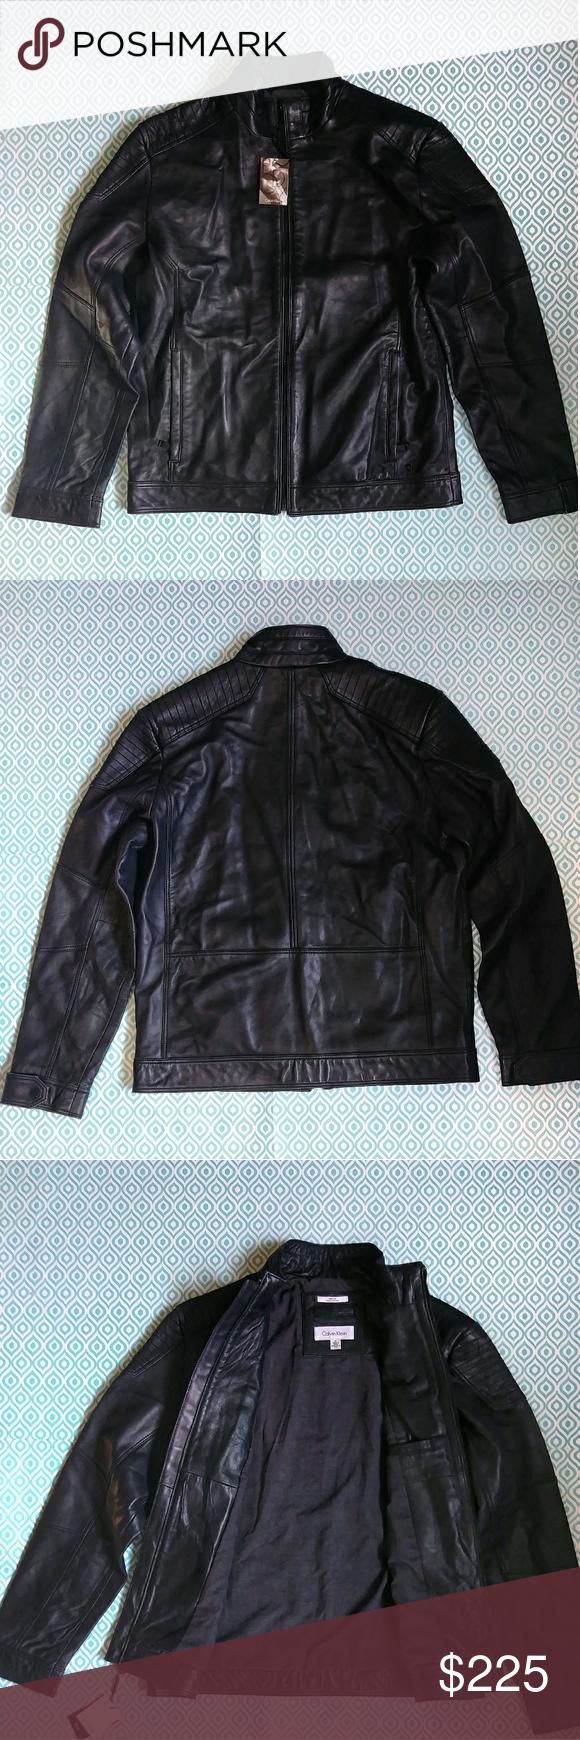 CALVIN KLEIN Black Leather Moto Jacket Calvin klein